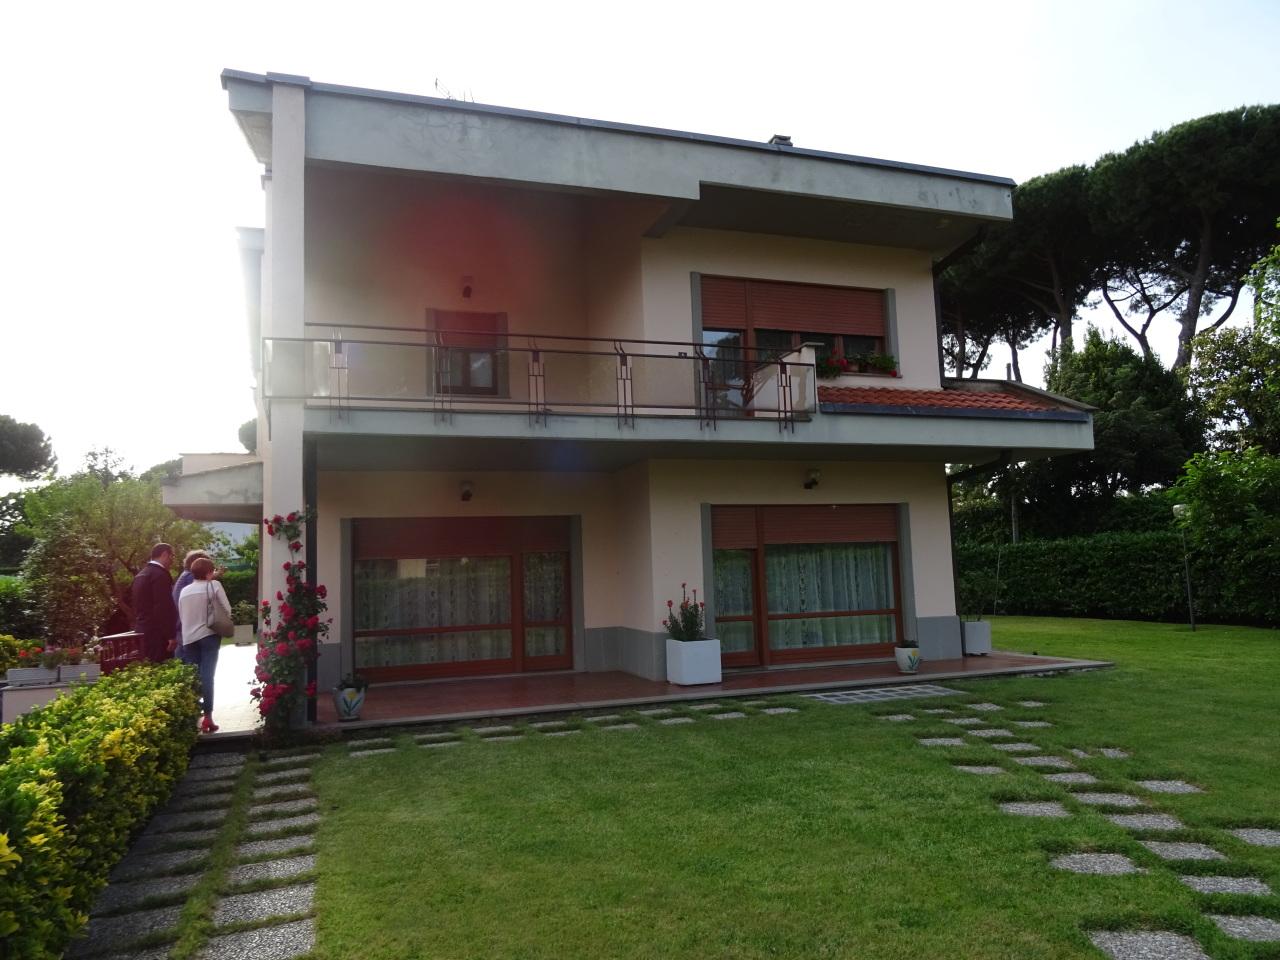 Soluzione Indipendente in vendita a Grottaferrata, 10 locali, prezzo € 990.000 | Cambio Casa.it